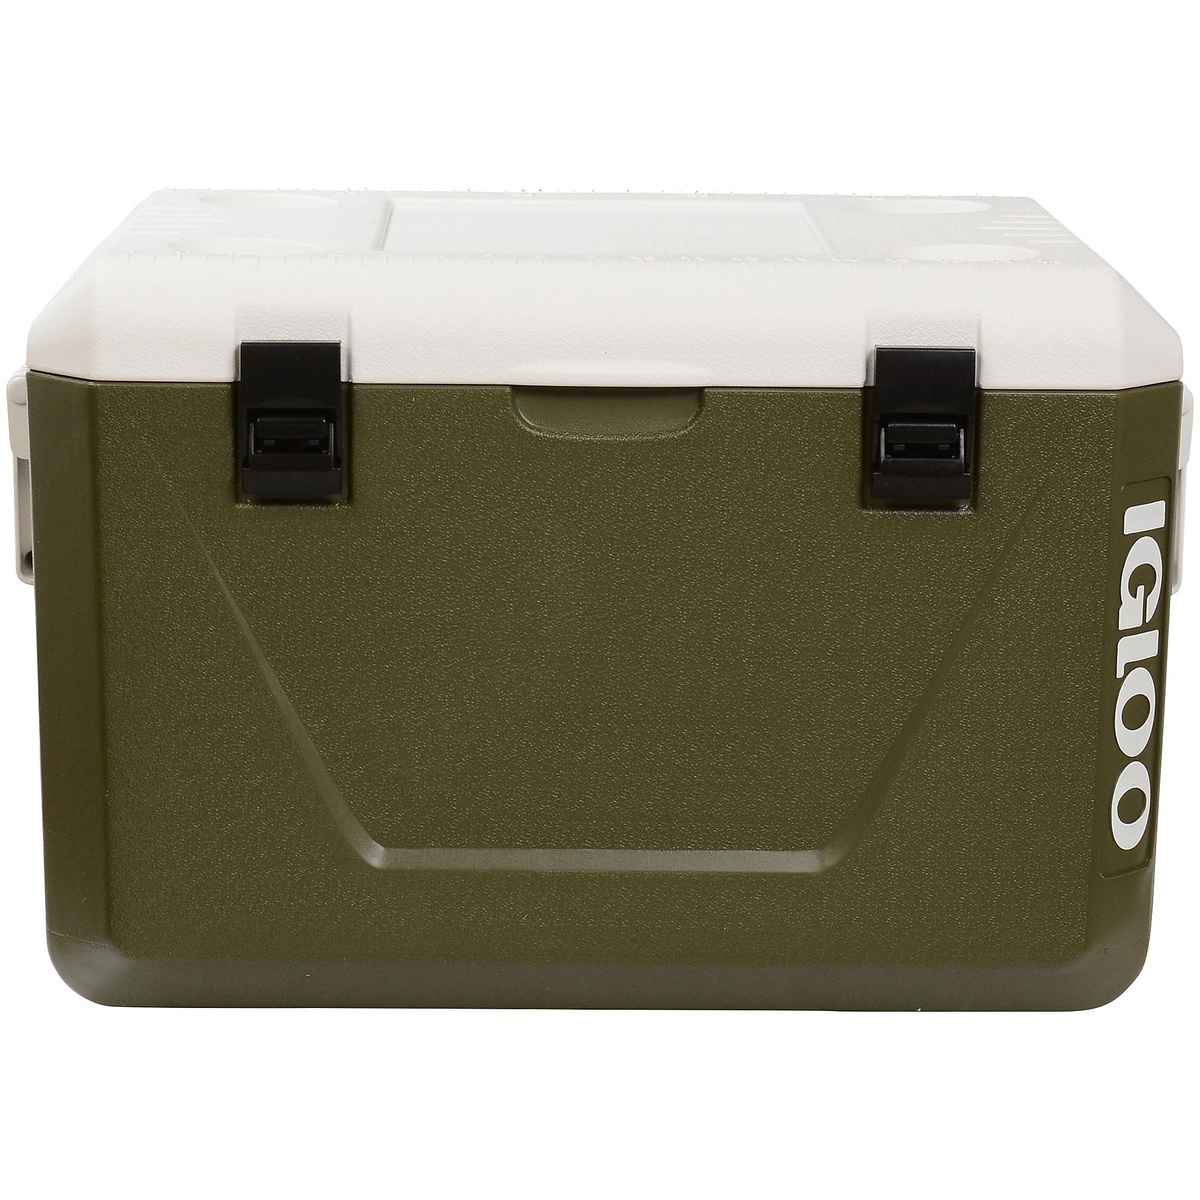 イグルー キャンプ用品 クーラーボックス ハードクーラー 中型 大型 30L以上 日本メーカー新品 リットル COOLER 55L 35%OFF NESTING TANK 150506 GREEN IGLOO TANKGREEN